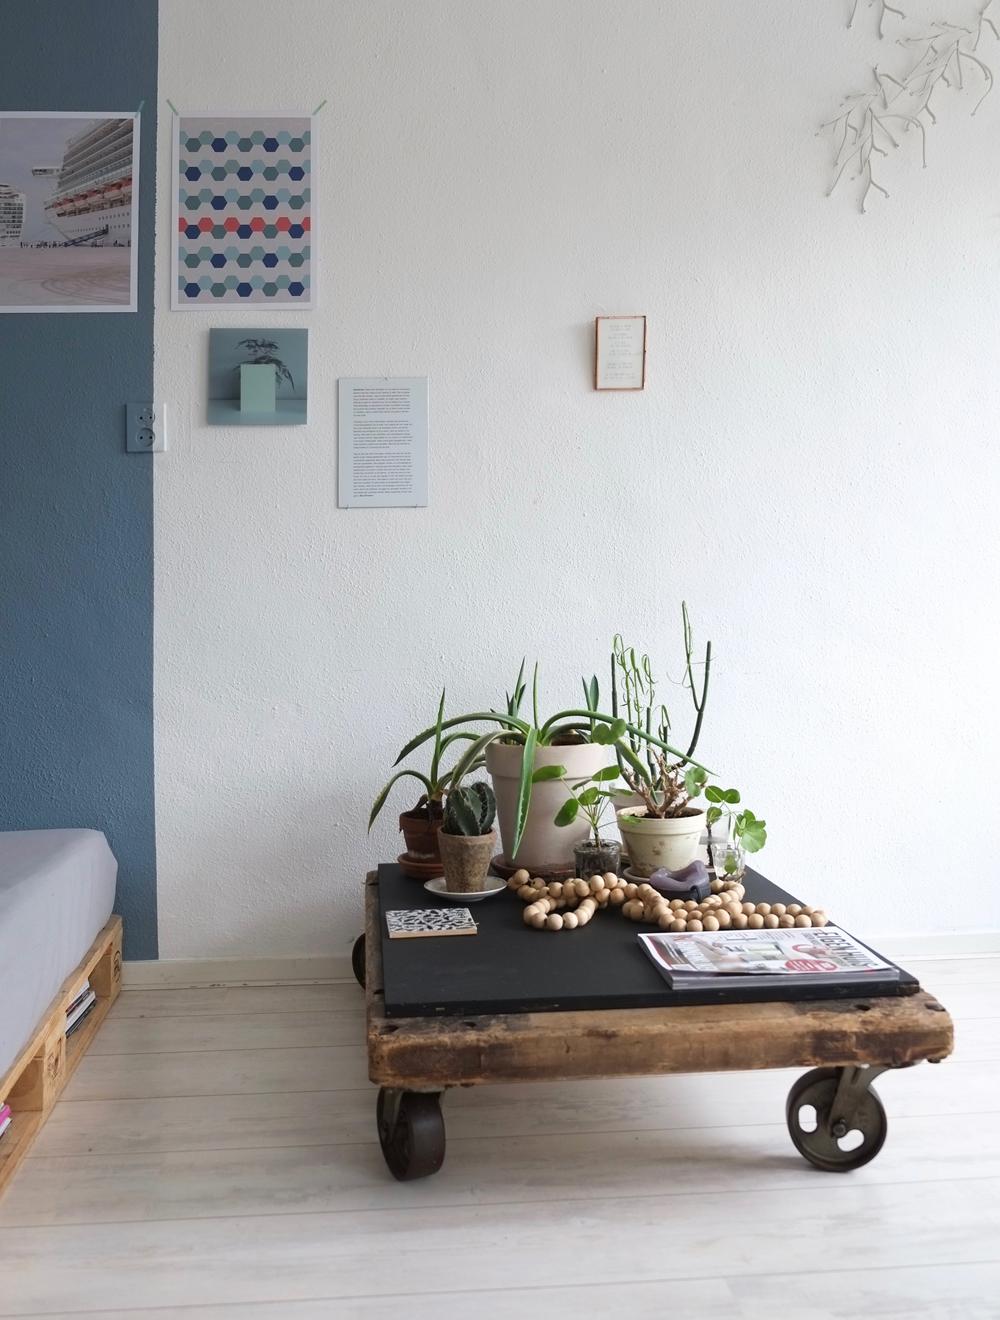 Pimpelwit Interieurontwerp-industriele tafel-planten-denim drift- flexa-palletbank